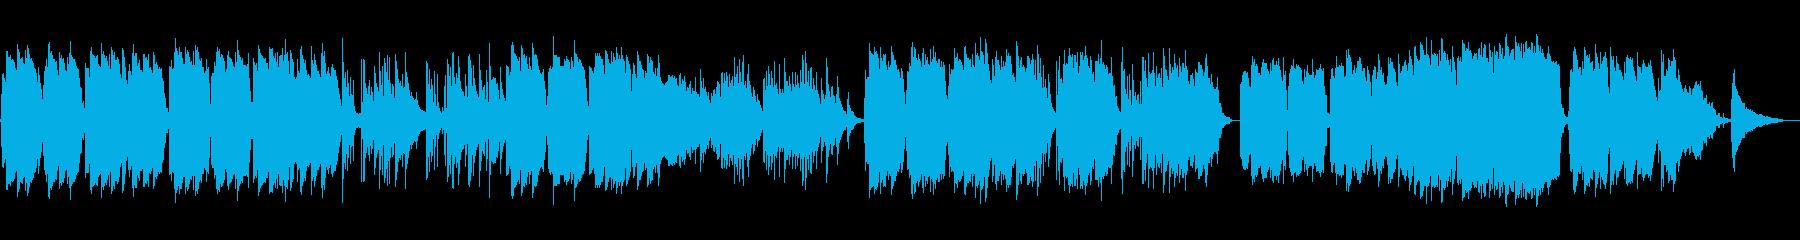 懐かしく幻想的なオリエンタル曲の再生済みの波形